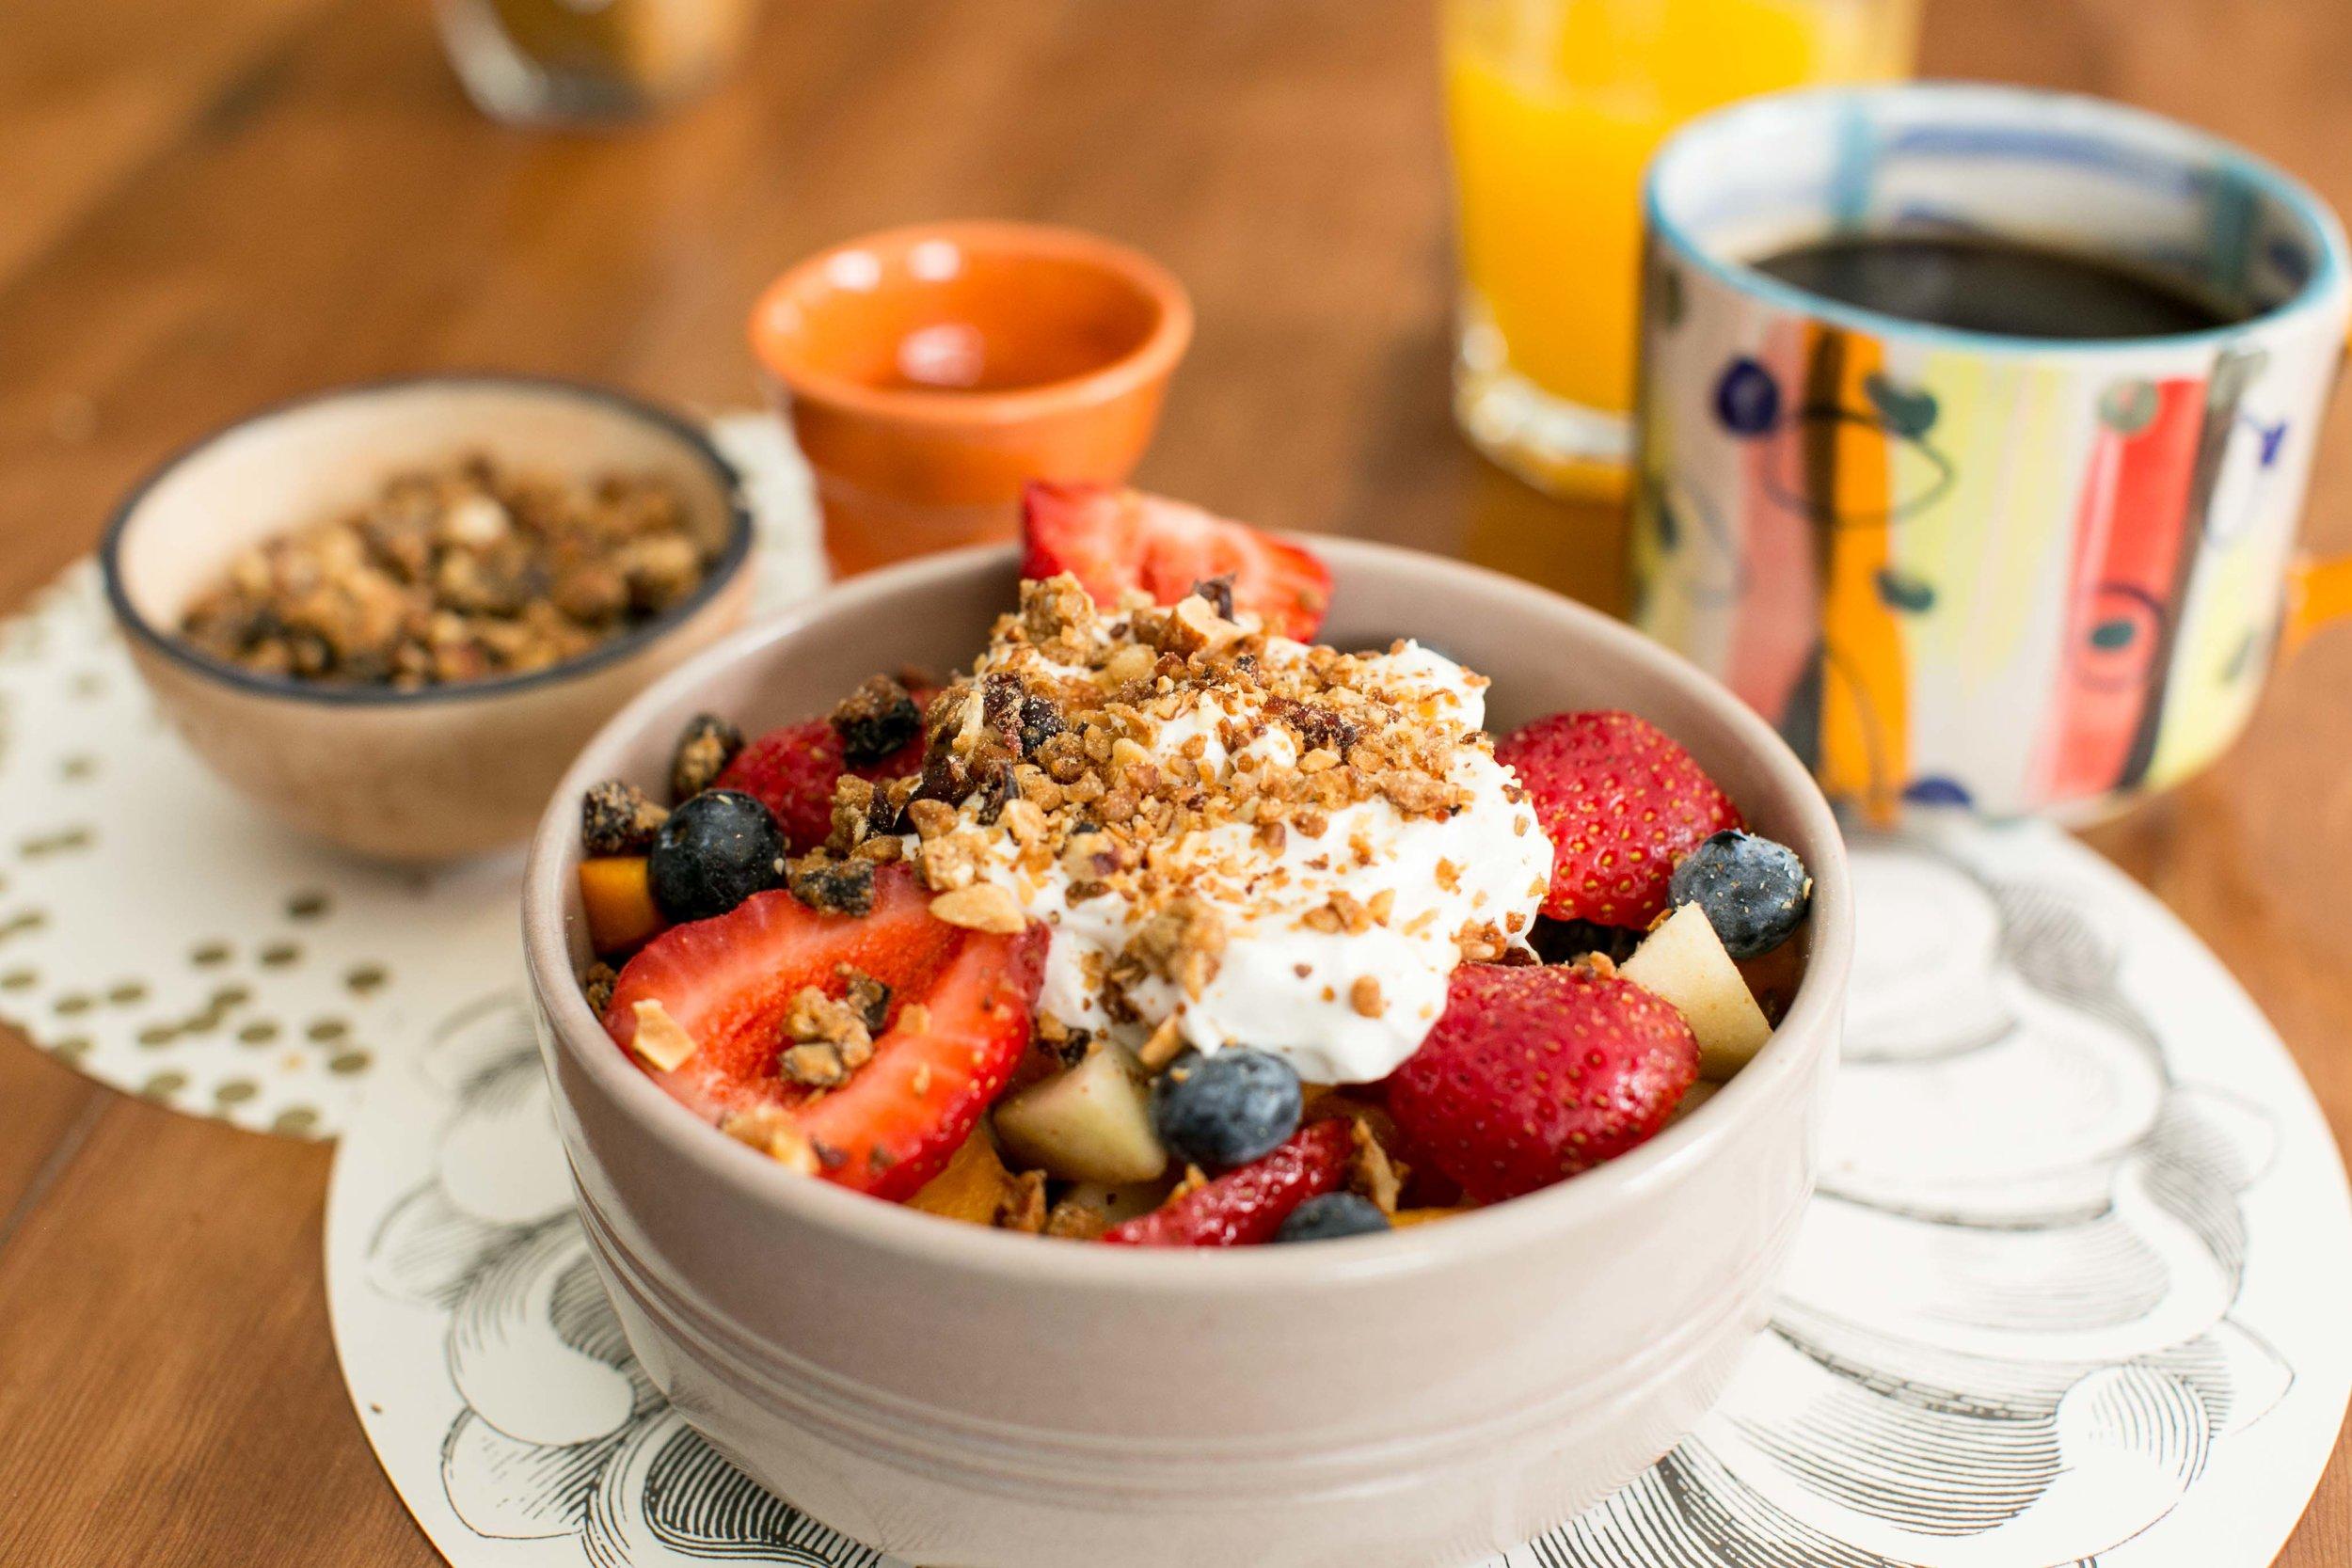 DESAYUNO LIGHT:  Ensalada de frutas de la estación, yogurt griego y granola hecha en casa.